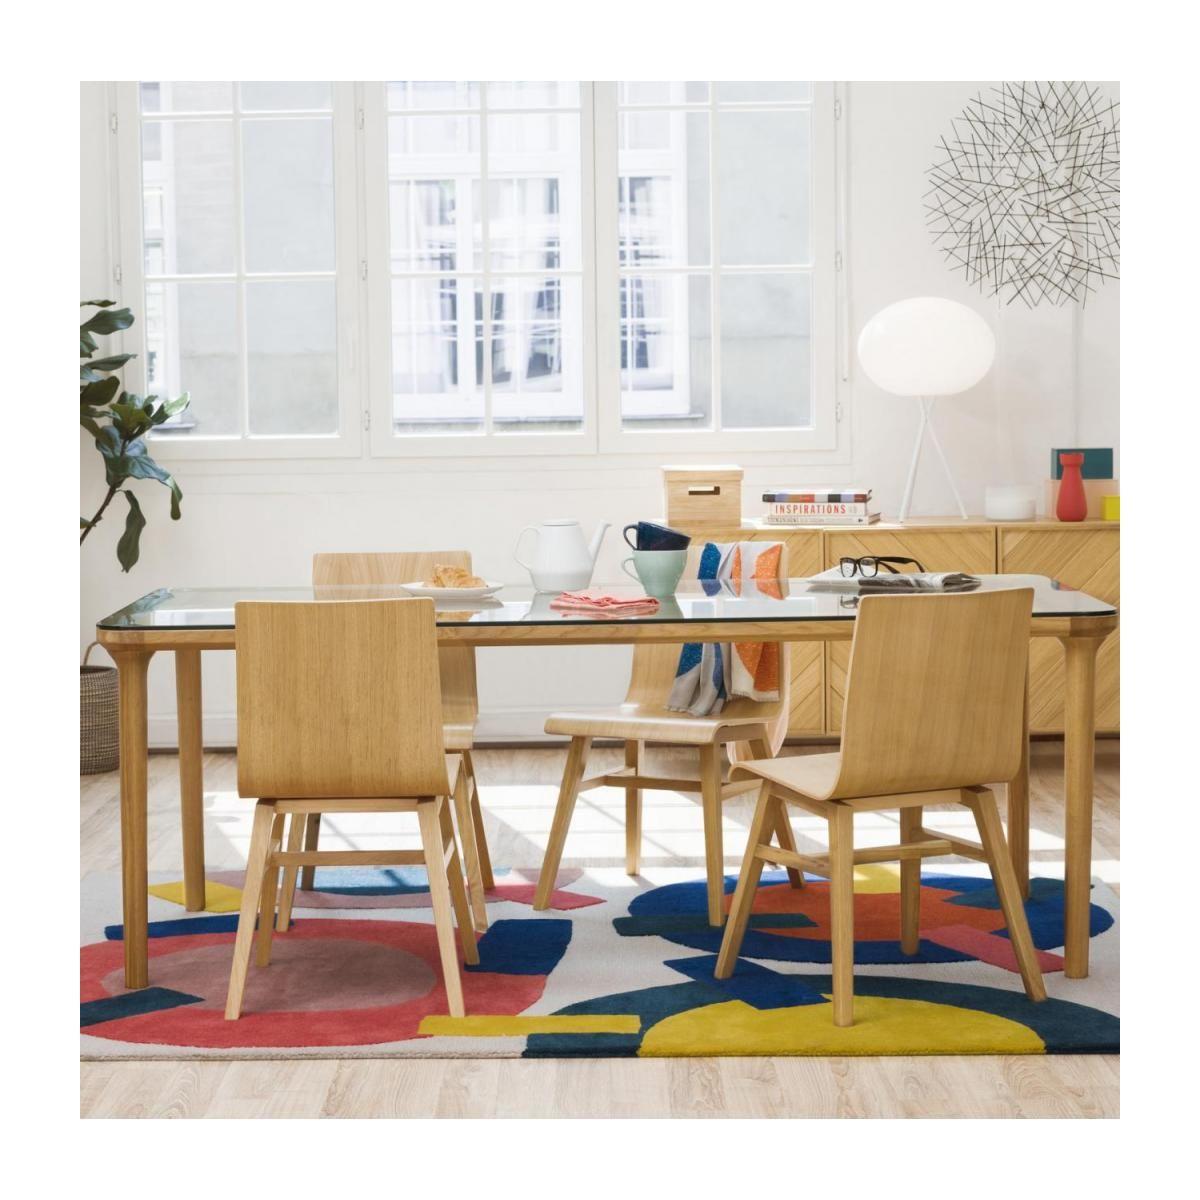 Myell Table Verre Et Chene Design By Habitat Design Studio Table En Verre Habitat Table Habitat